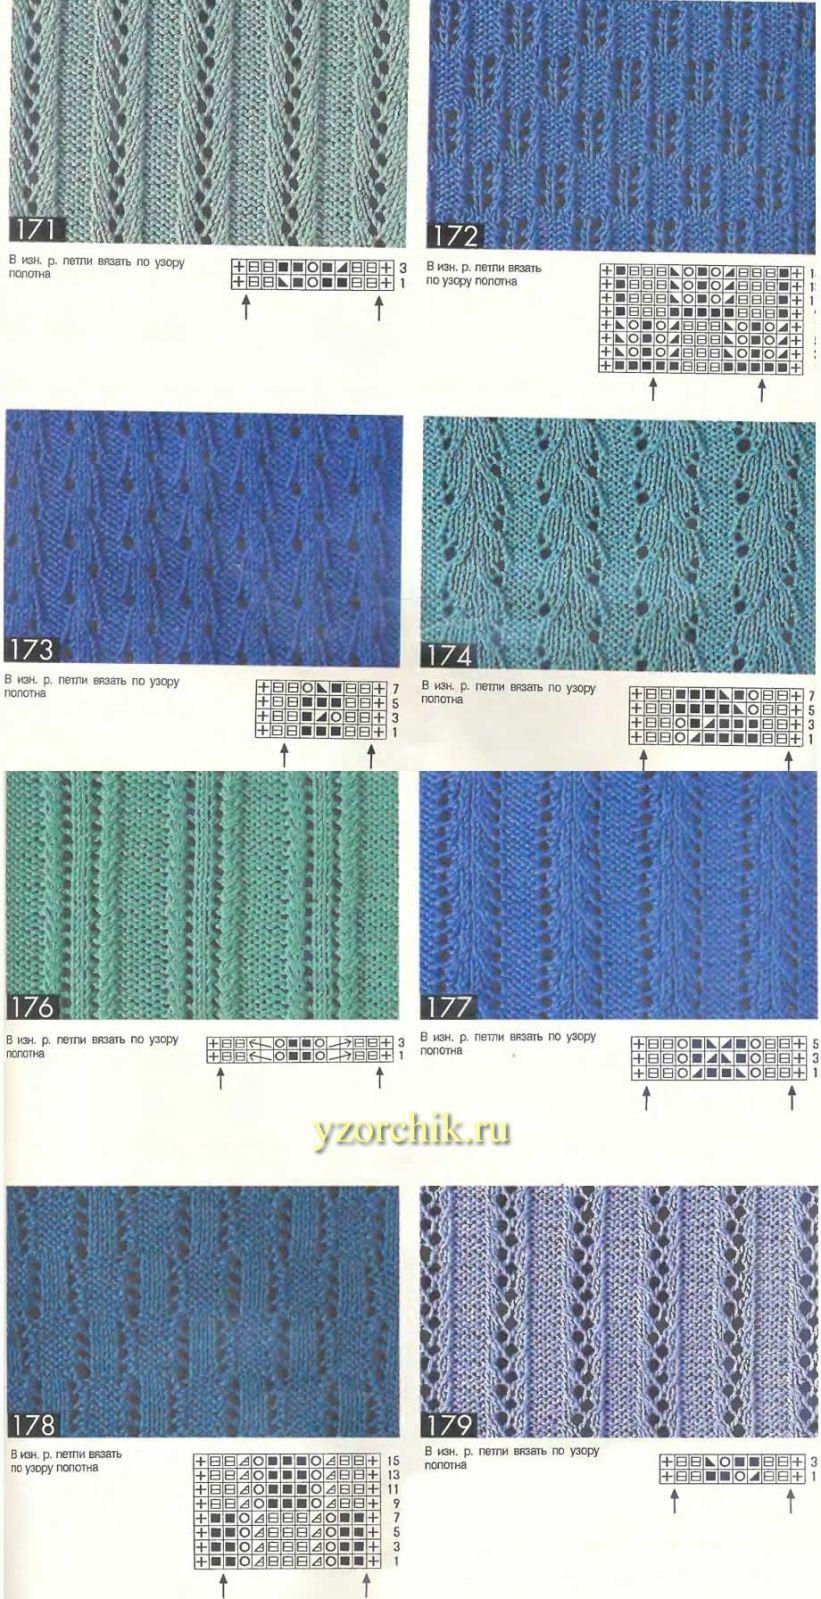 yzz74.jpg Натисніть на зображення, щоб закрити вікно